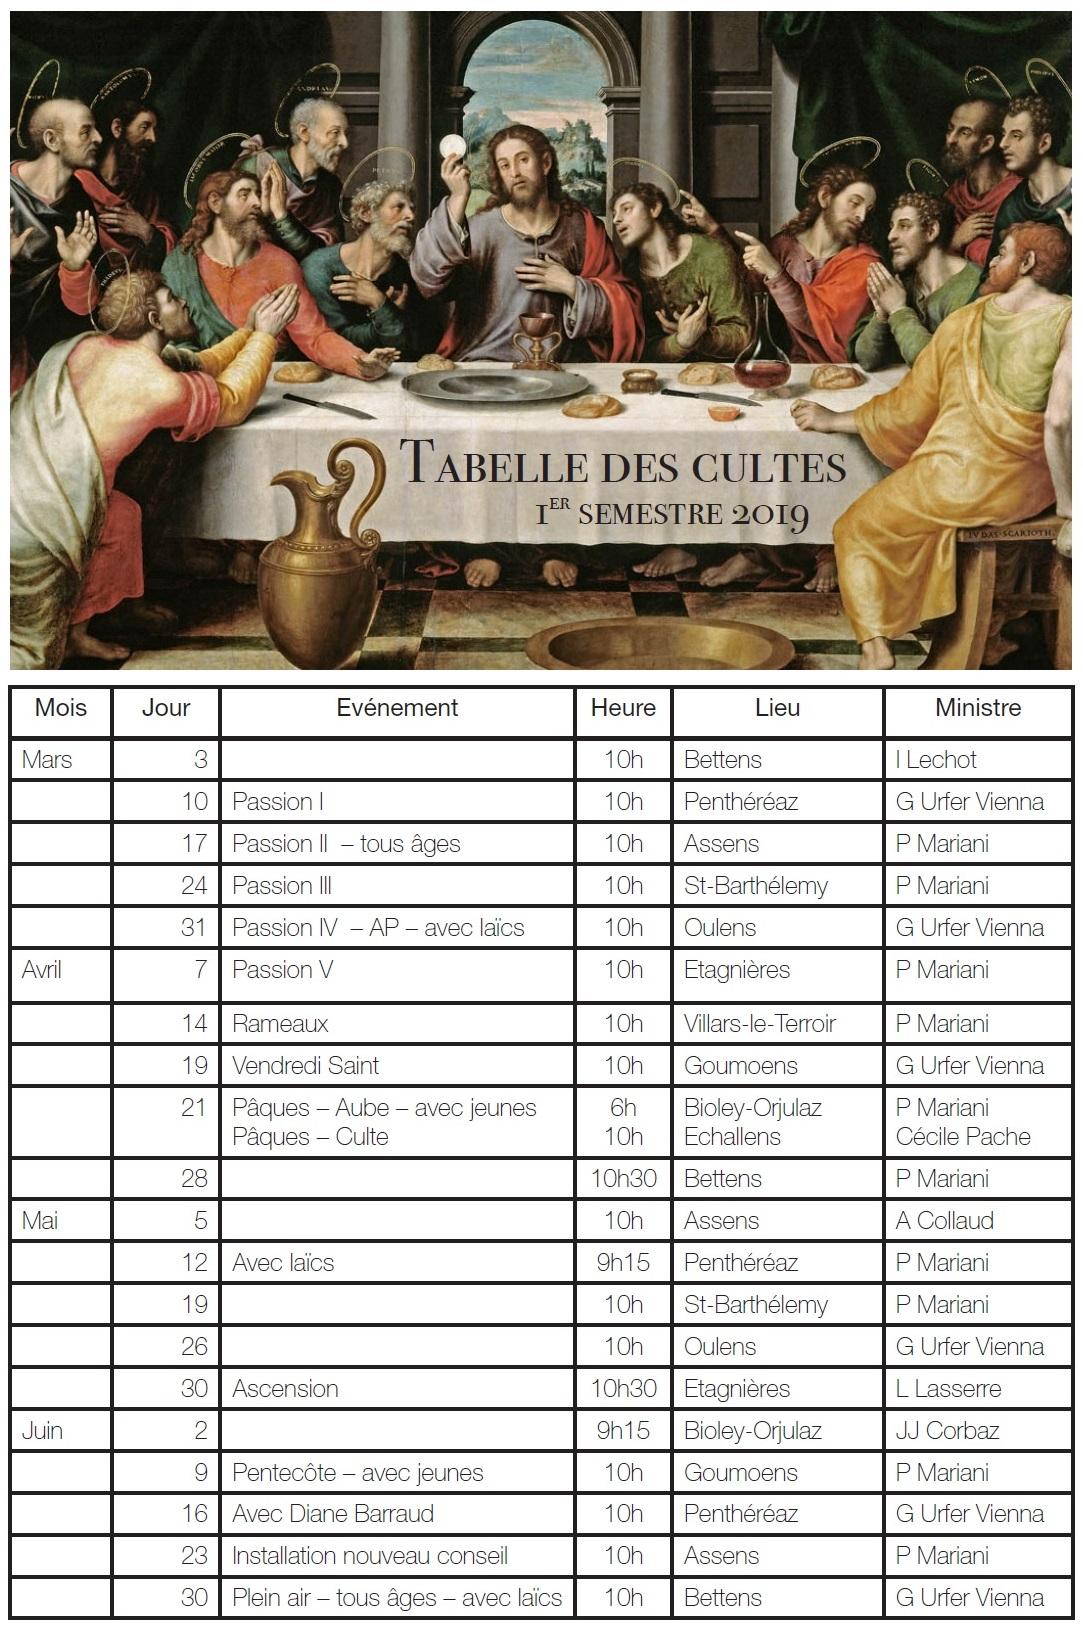 bouton-tabelle-des-cultes